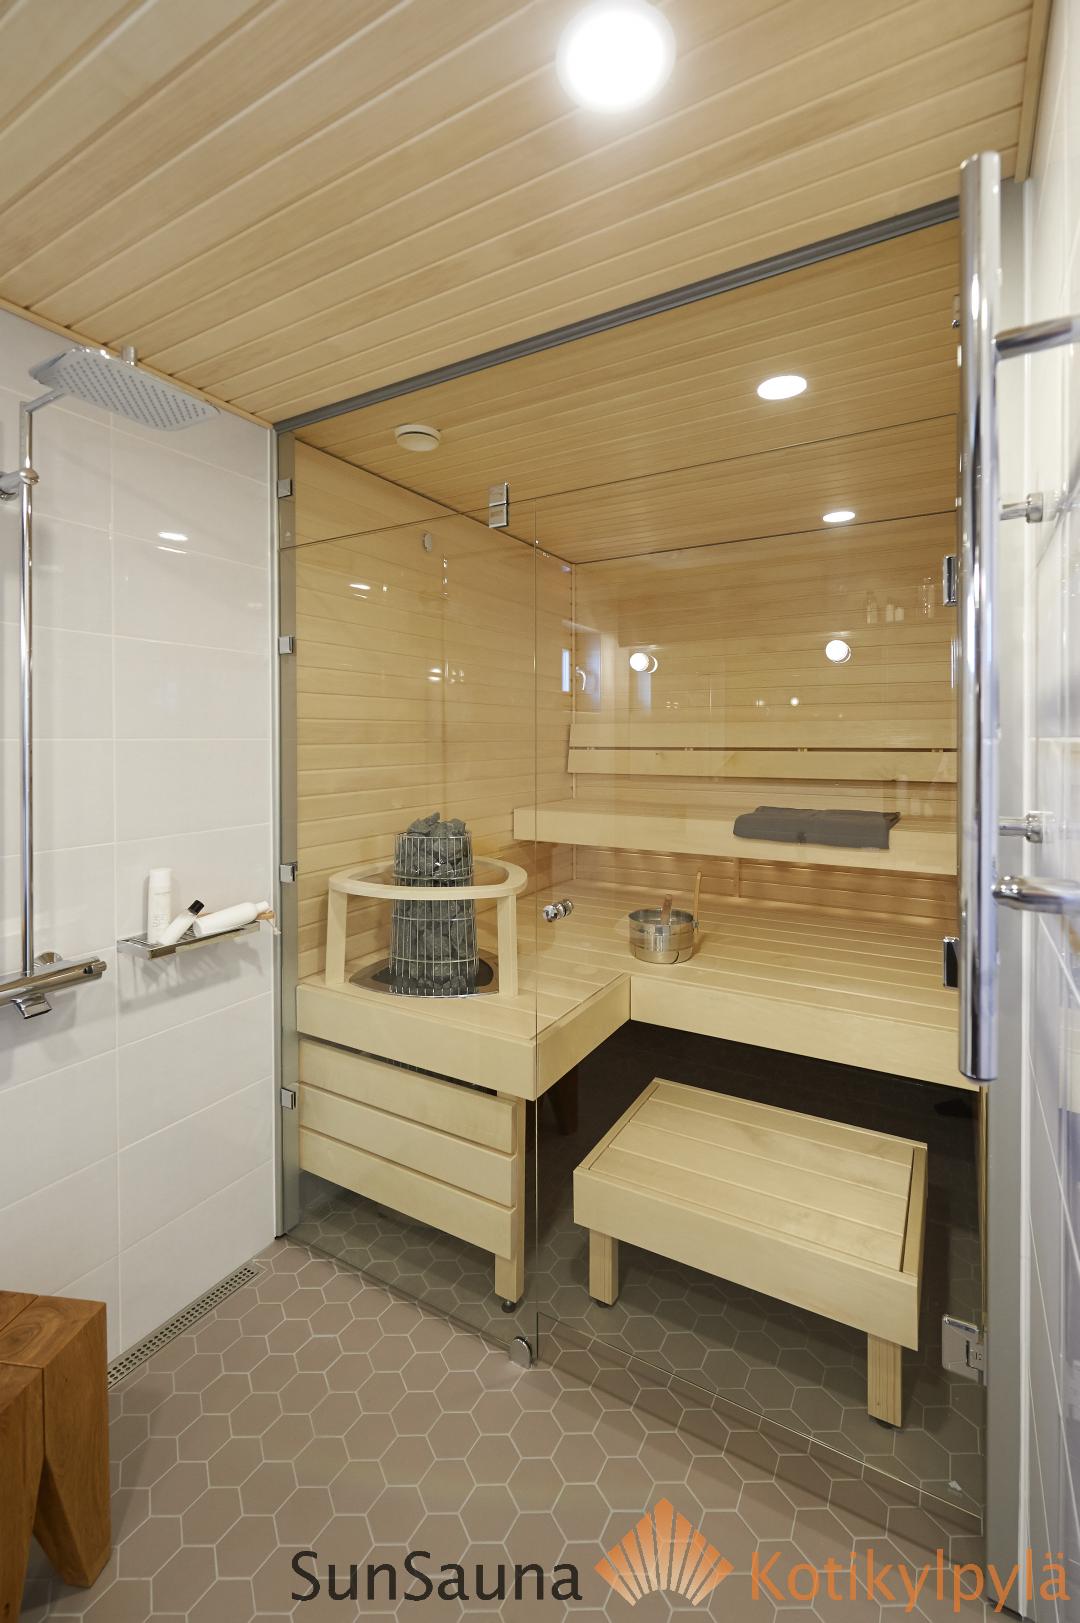 sun sauna relax xl mallisto haapa lasisein harvia kivi kiuas saunakuva pinterest. Black Bedroom Furniture Sets. Home Design Ideas